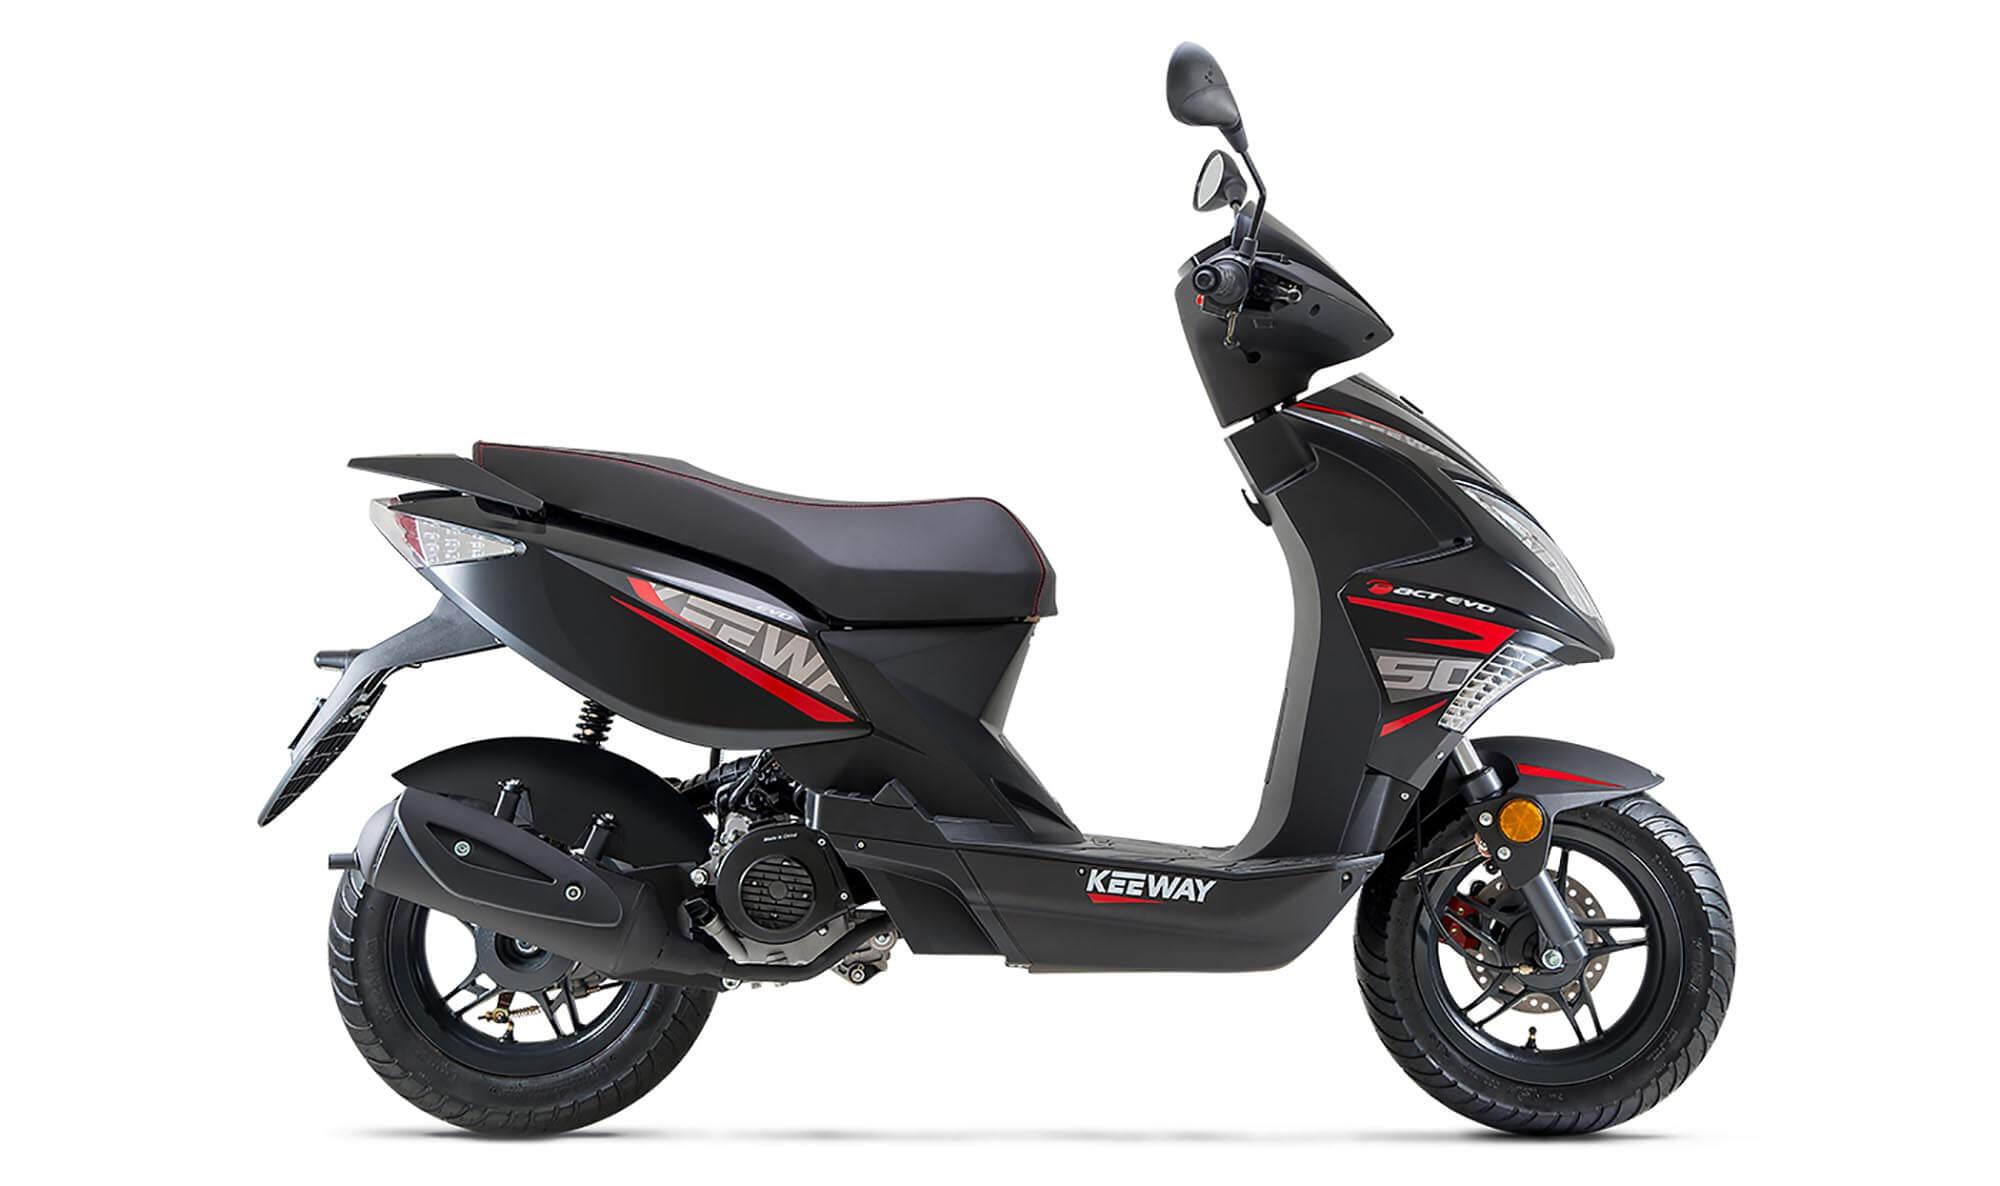 comprar-motos-keeway-fact-evo-negro-motissimo-barcelona